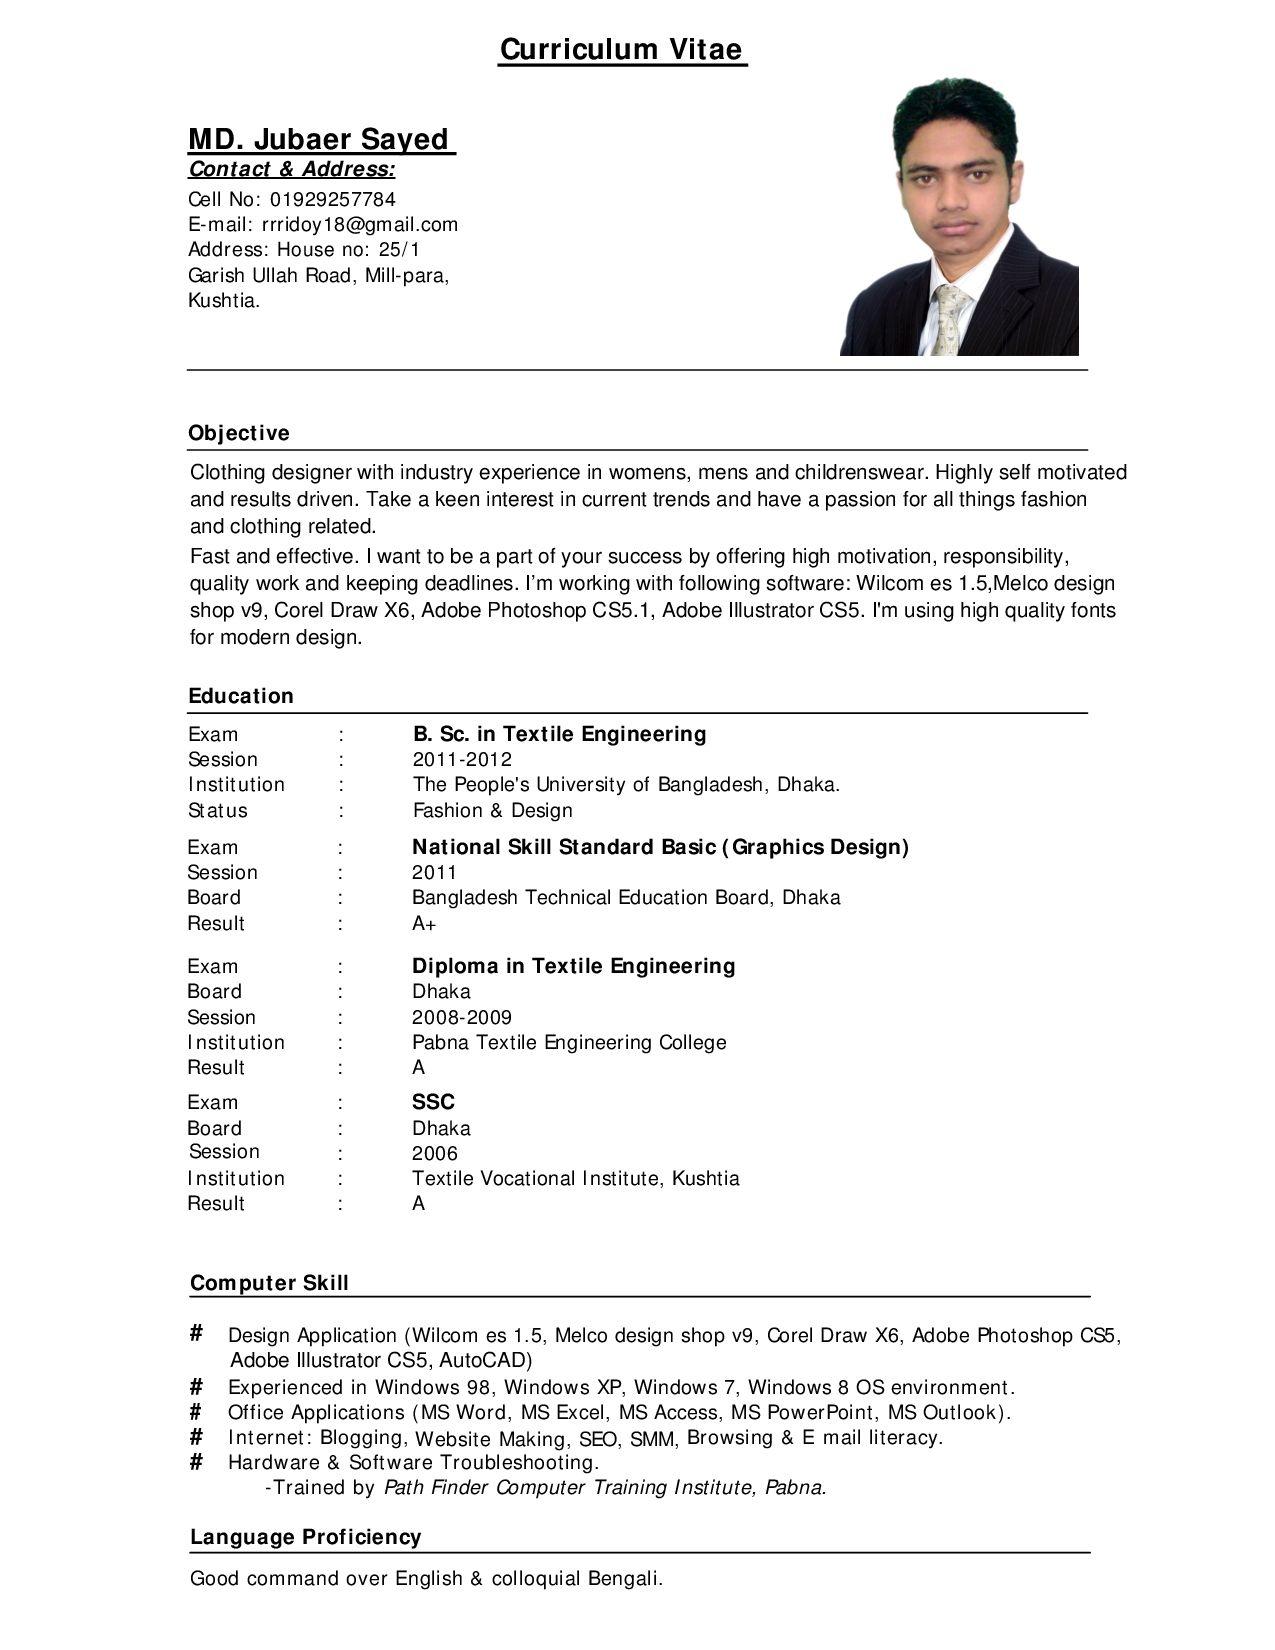 Curriculum Vitae Per Windows 7 Modelos de curriculum